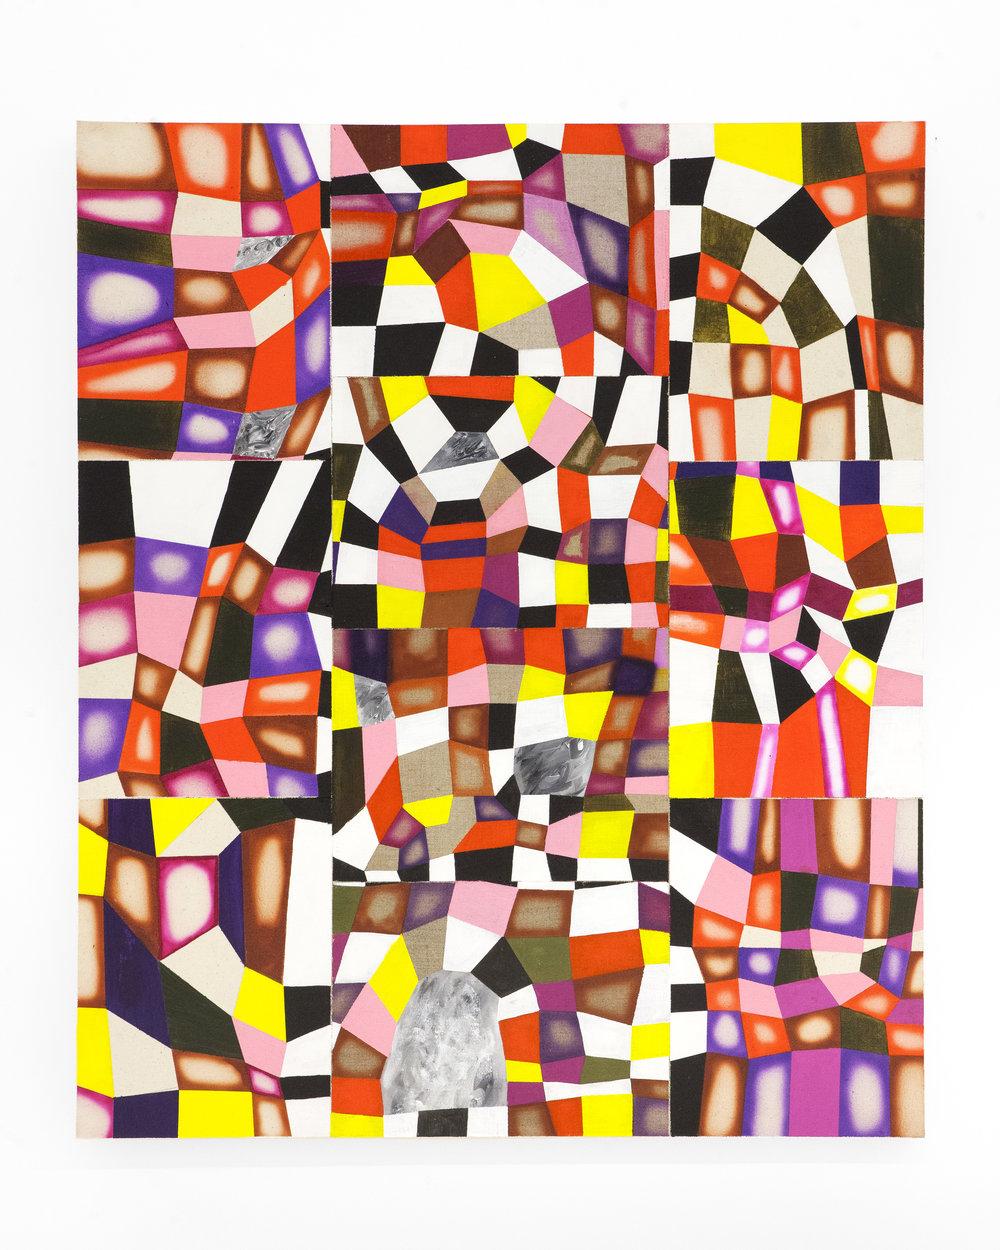 brettf_abstract_1_.jpg